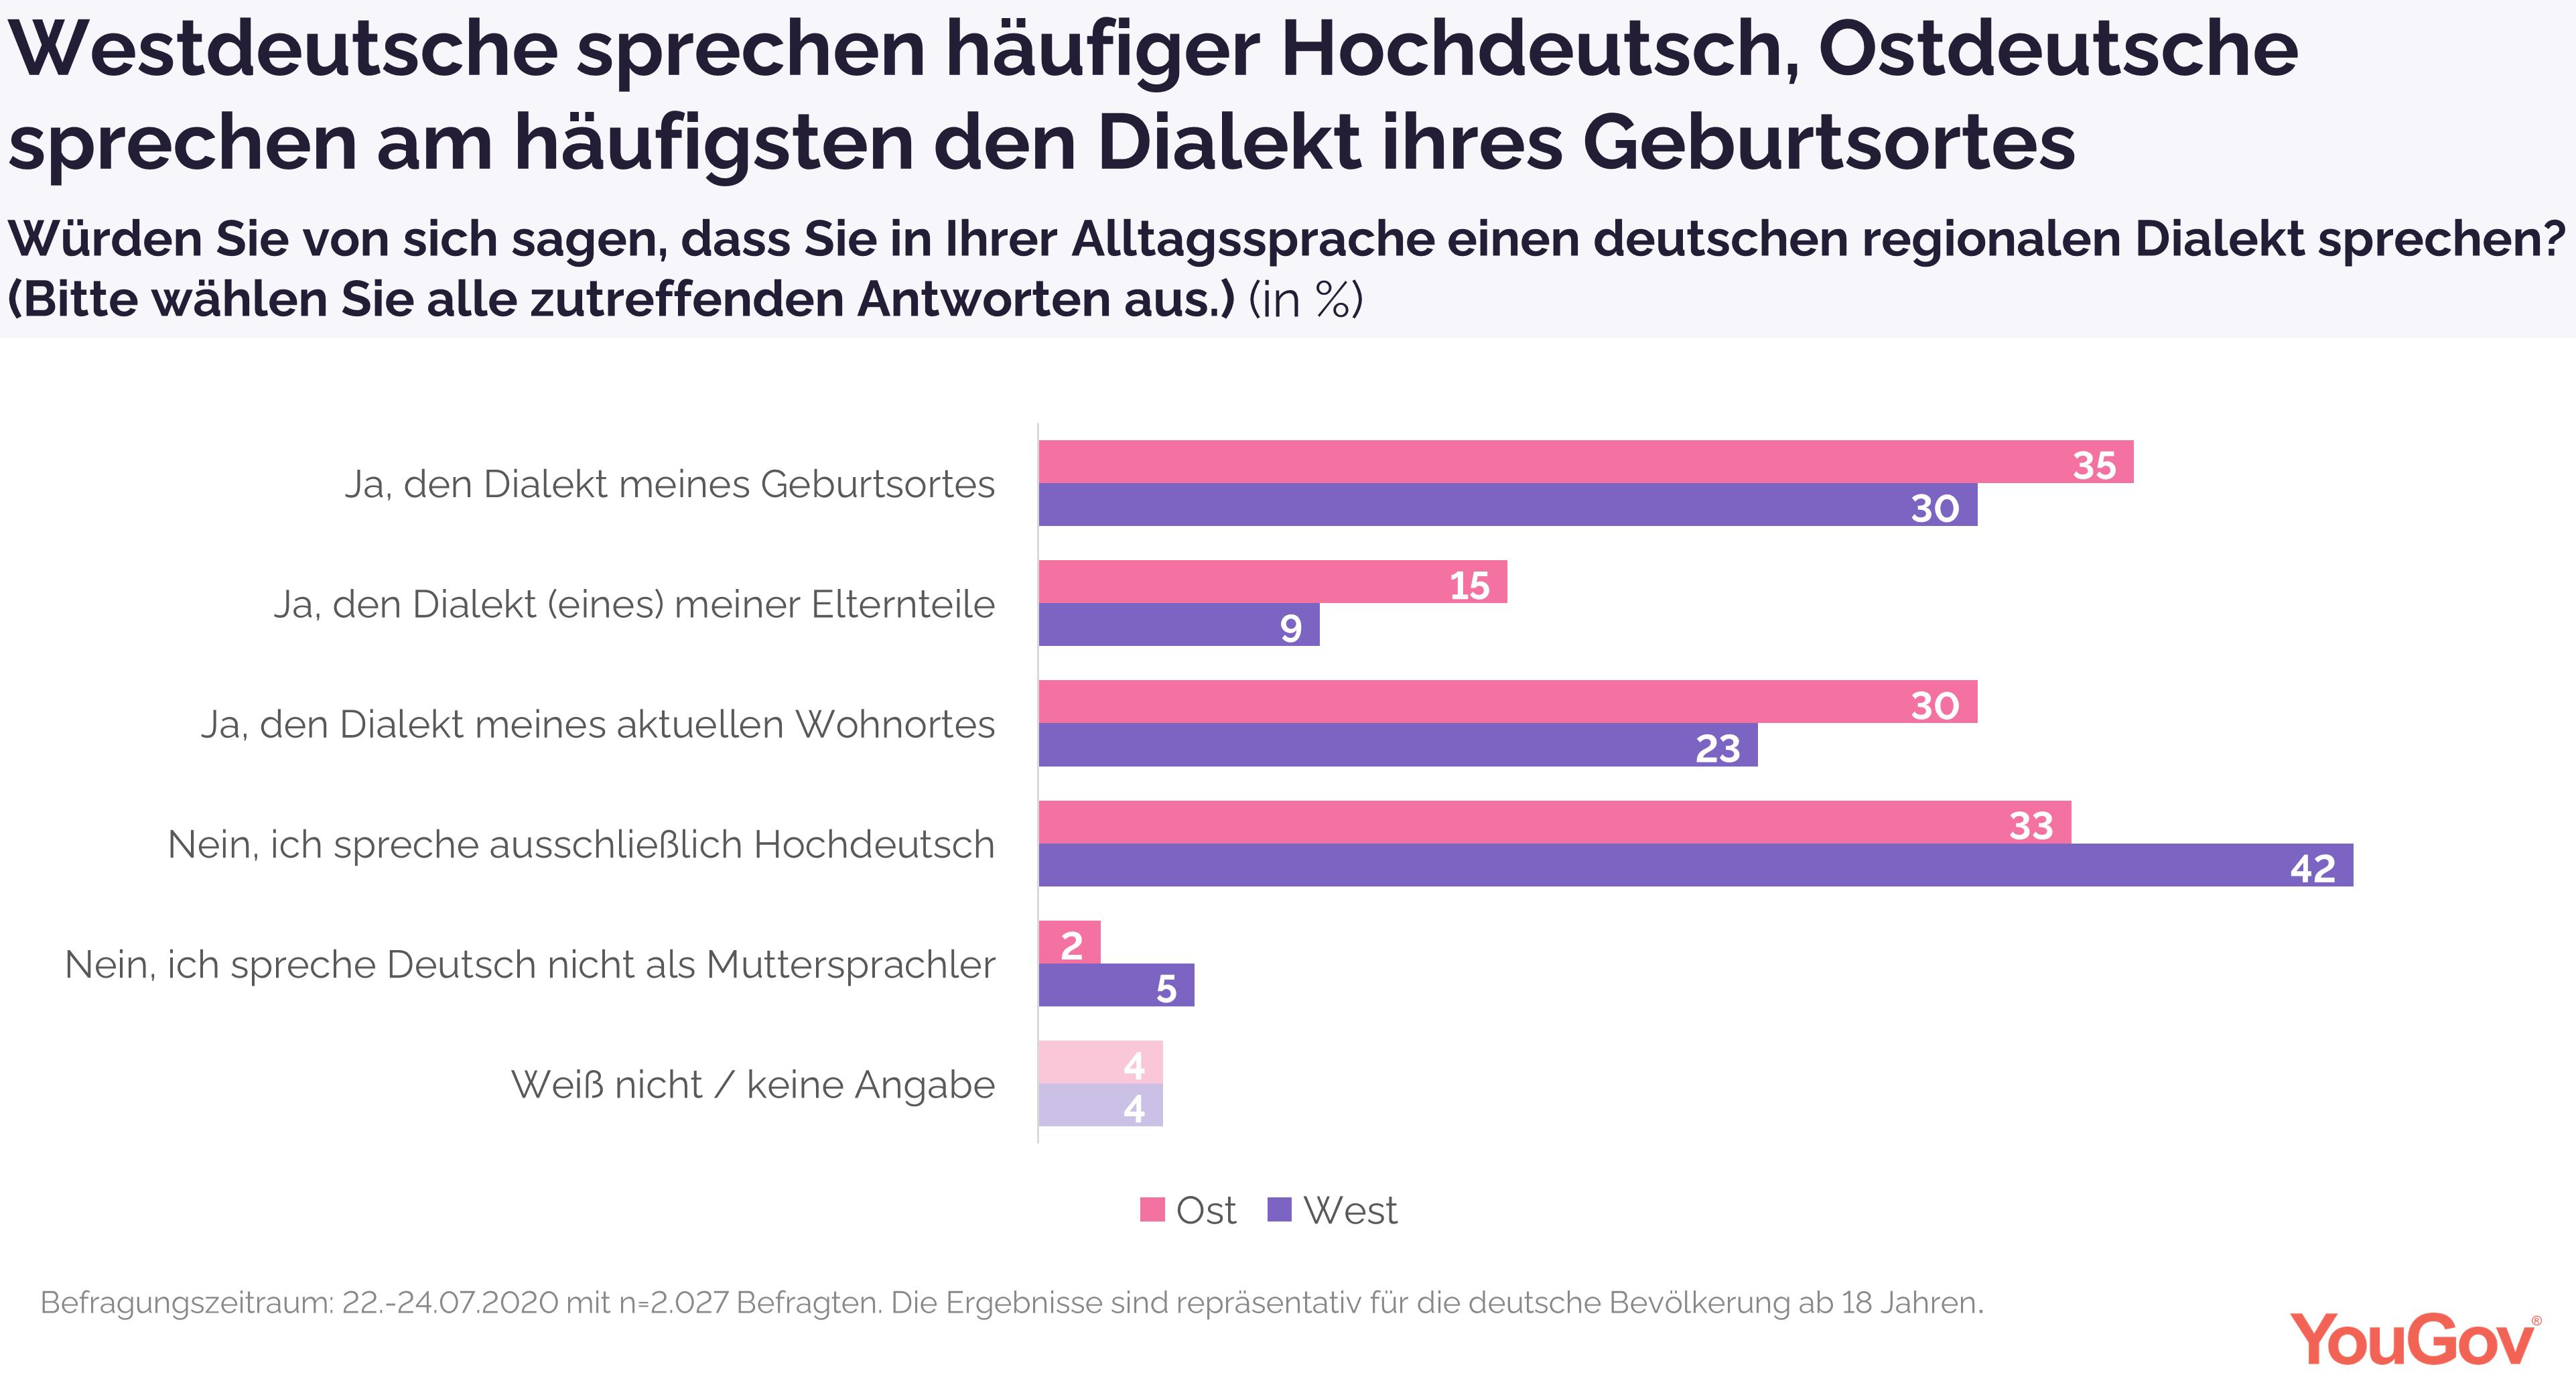 Westdeutsche sprechen häufiger Hochdeutsch